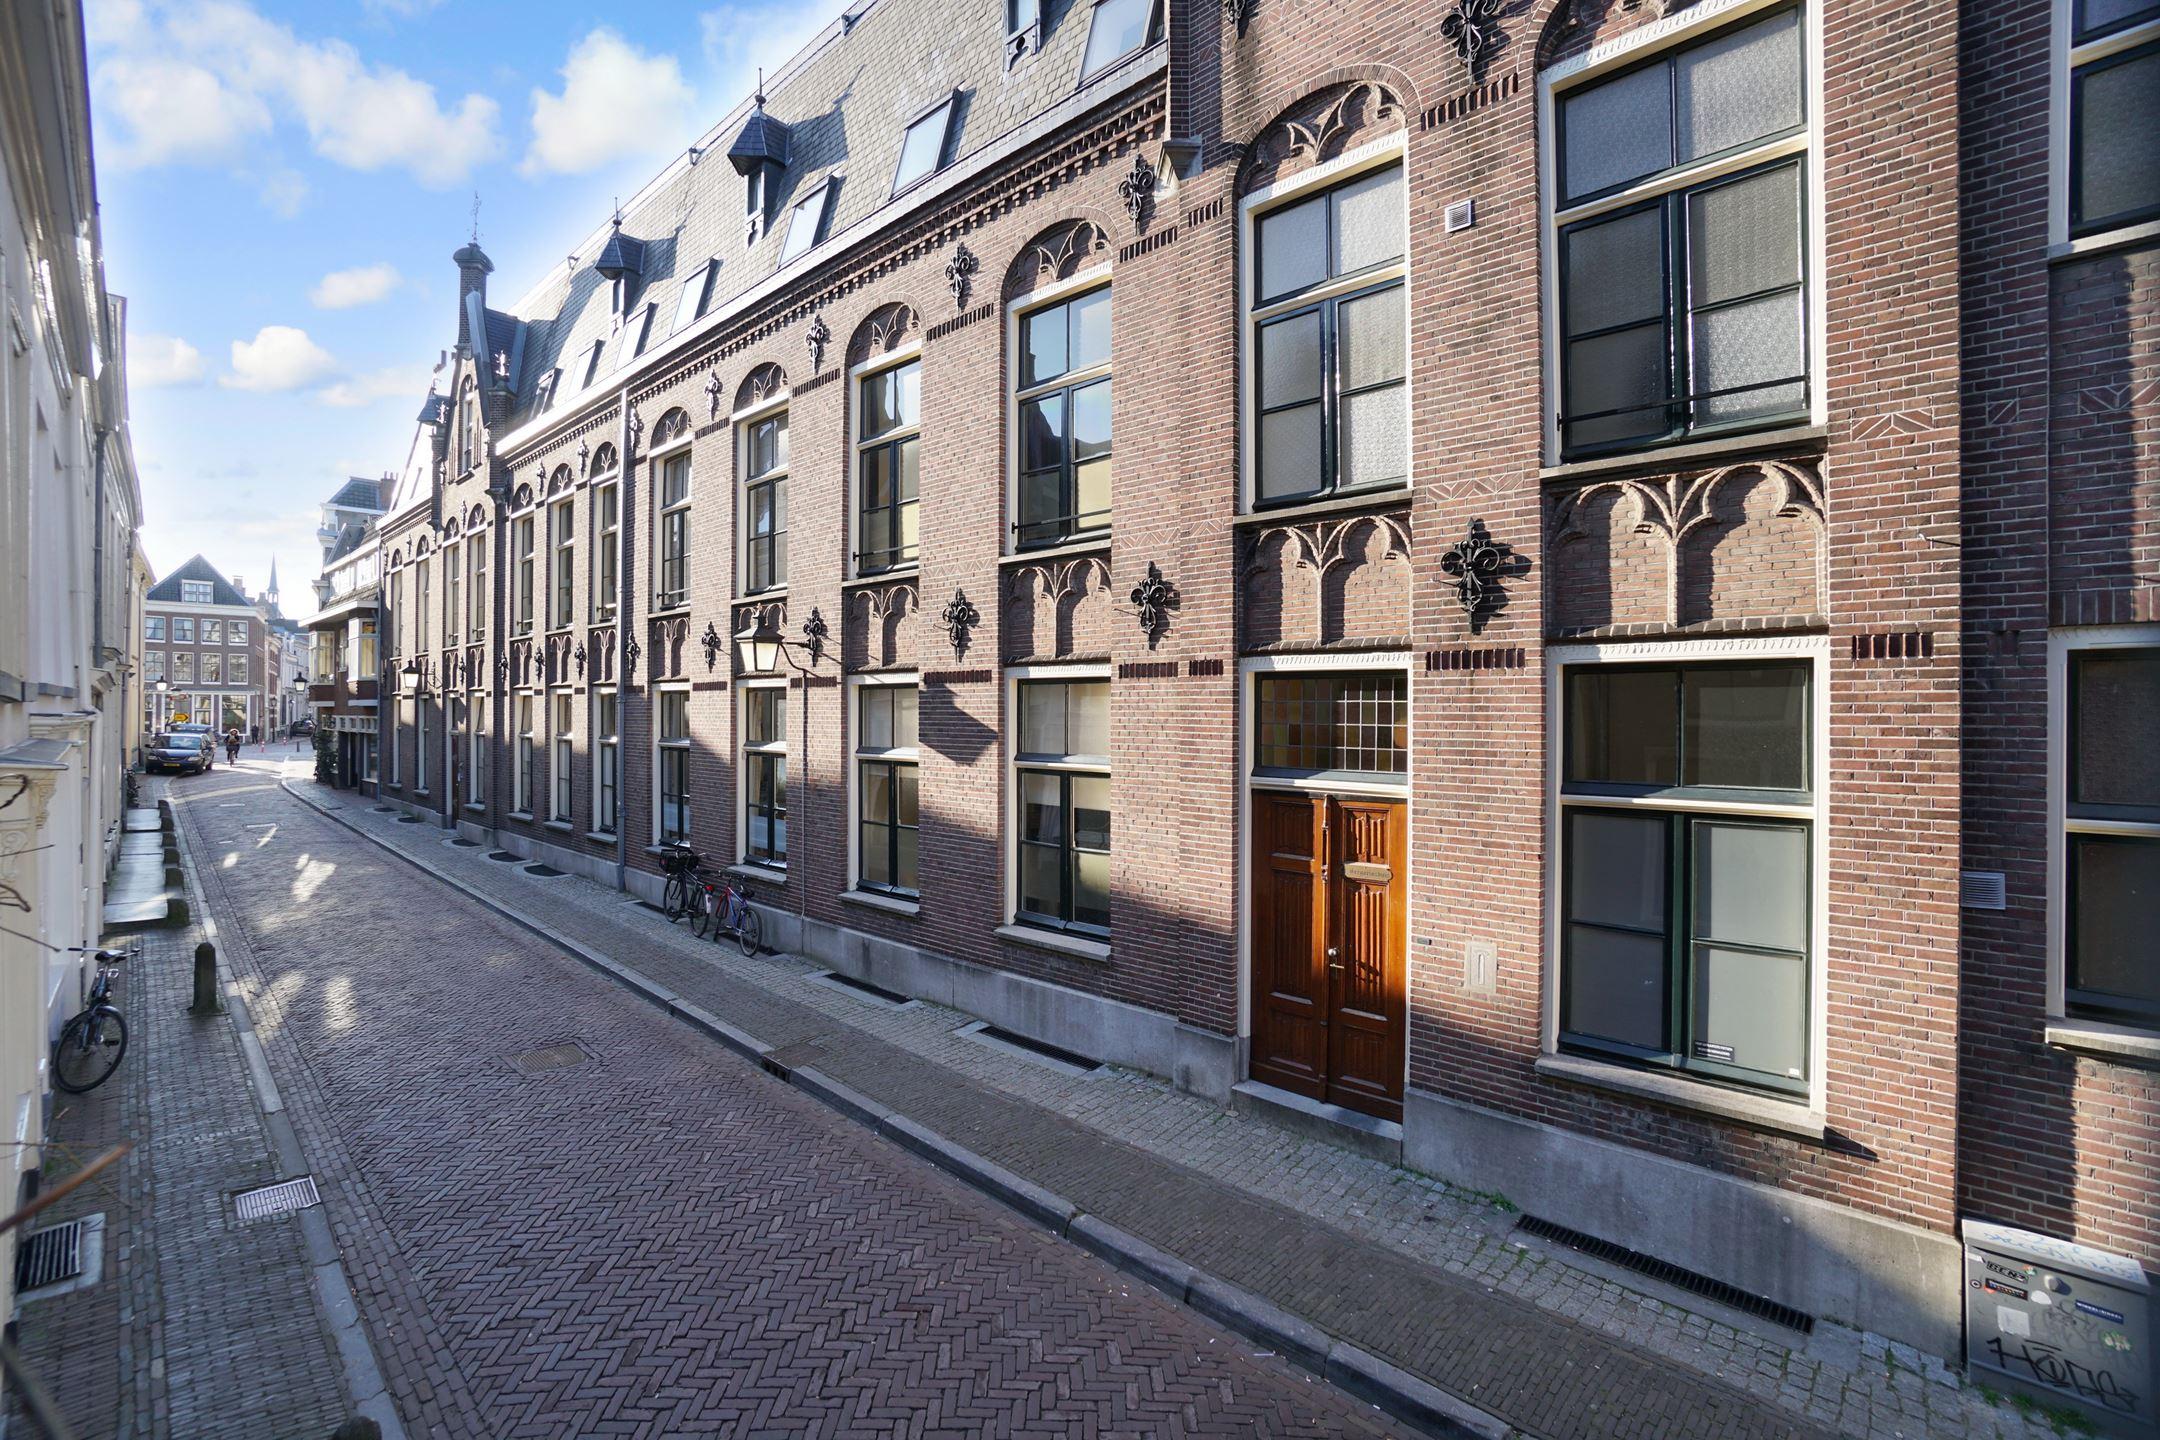 Verkocht herenstraat 8 d 3512 kc utrecht funda for Funda utrecht